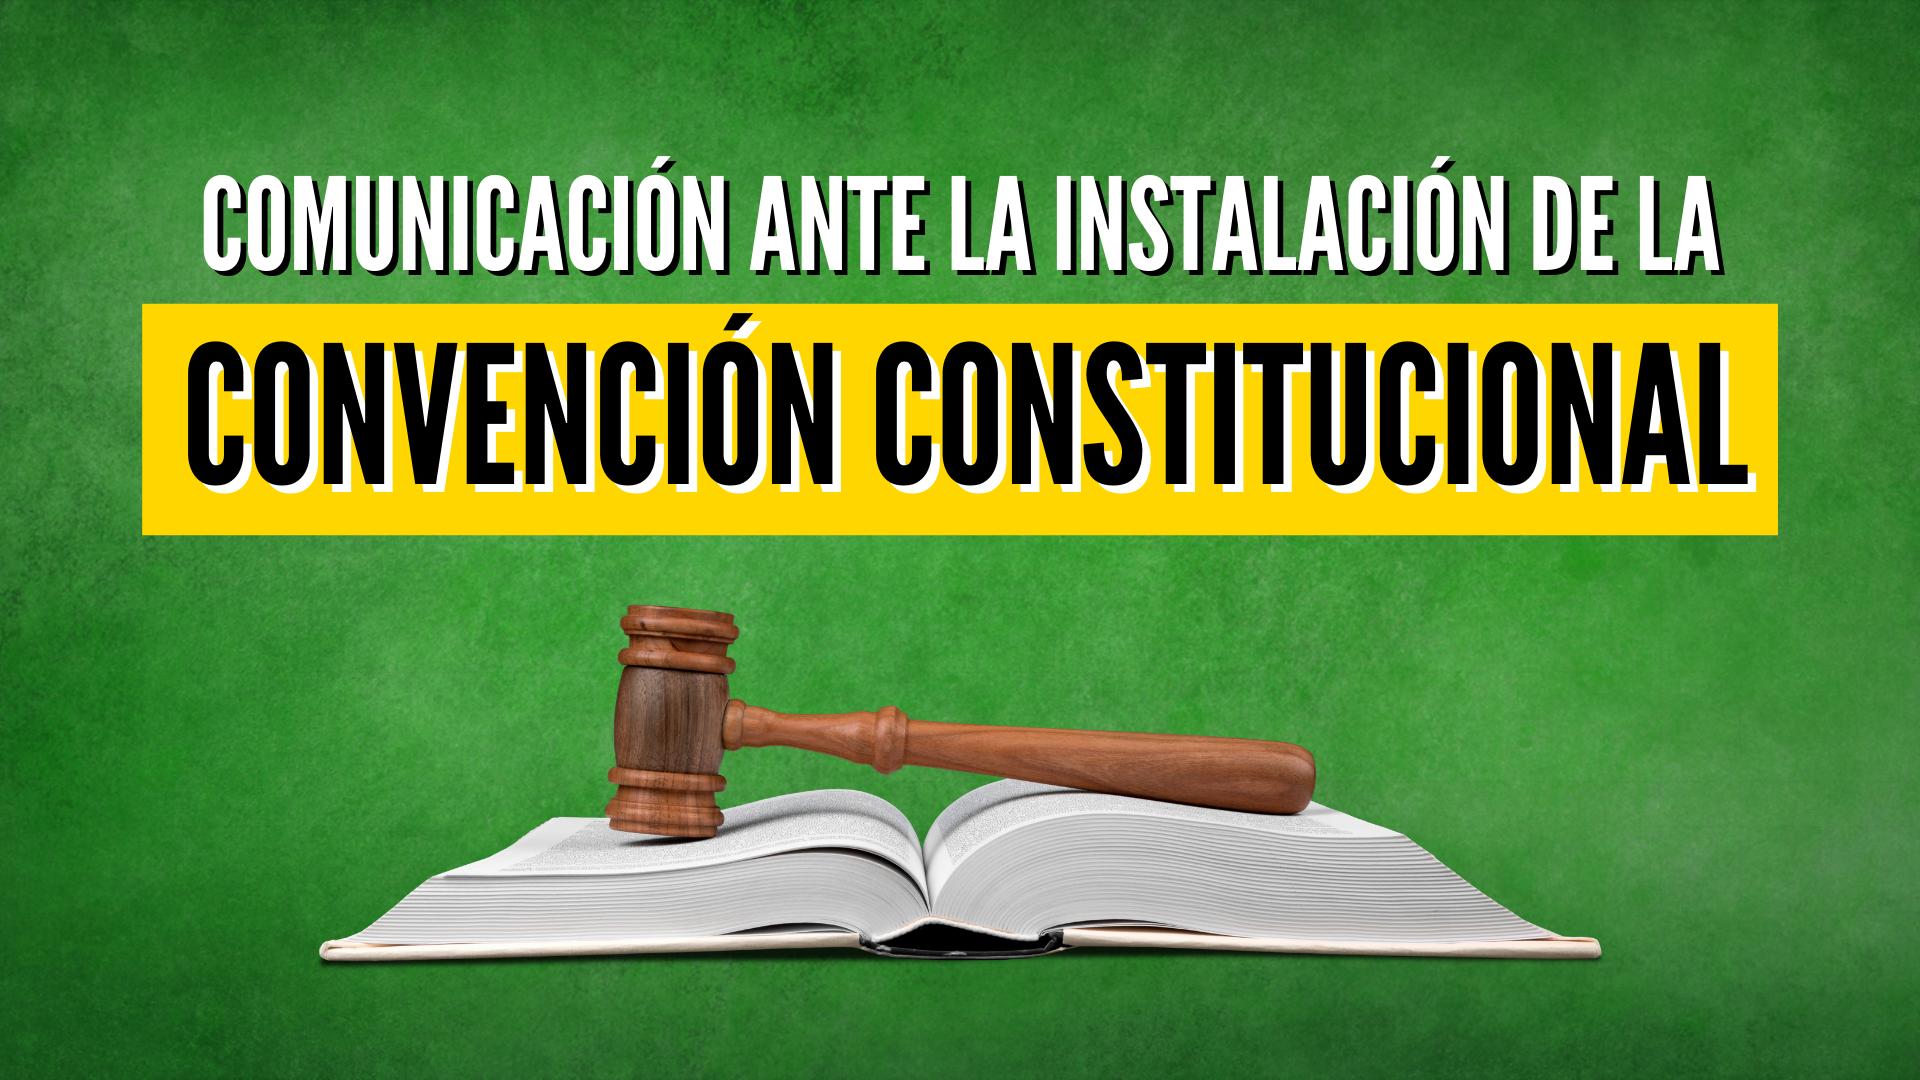 COMUNICACIÓN ANTE LA INSTALACIÓN DE LA CONVENCIÓN CONSTITUCIONAL